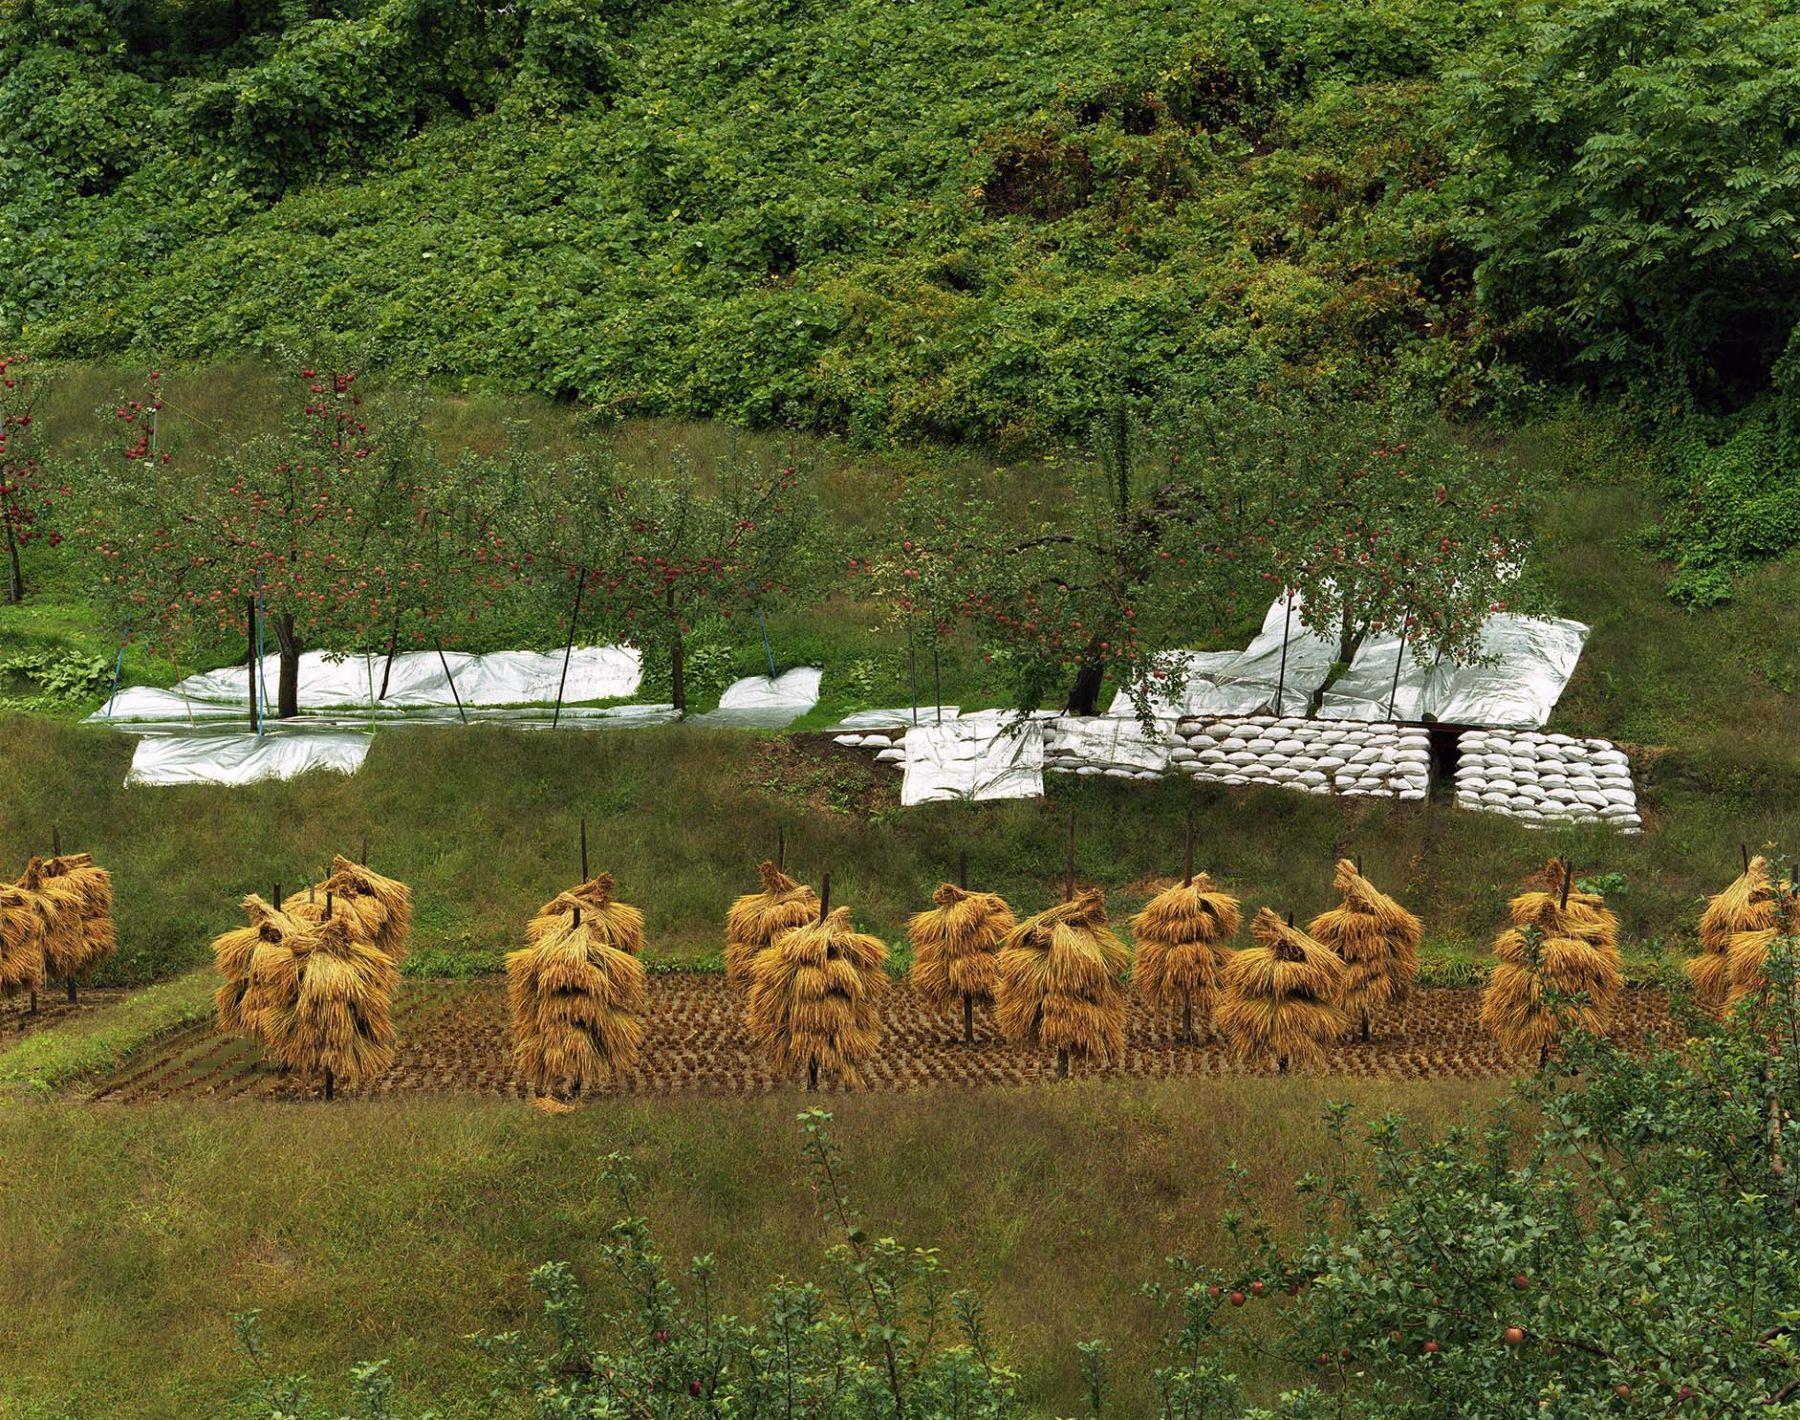 Toshio Shibata Kuroishi City, Aomori Prefecture, 2006